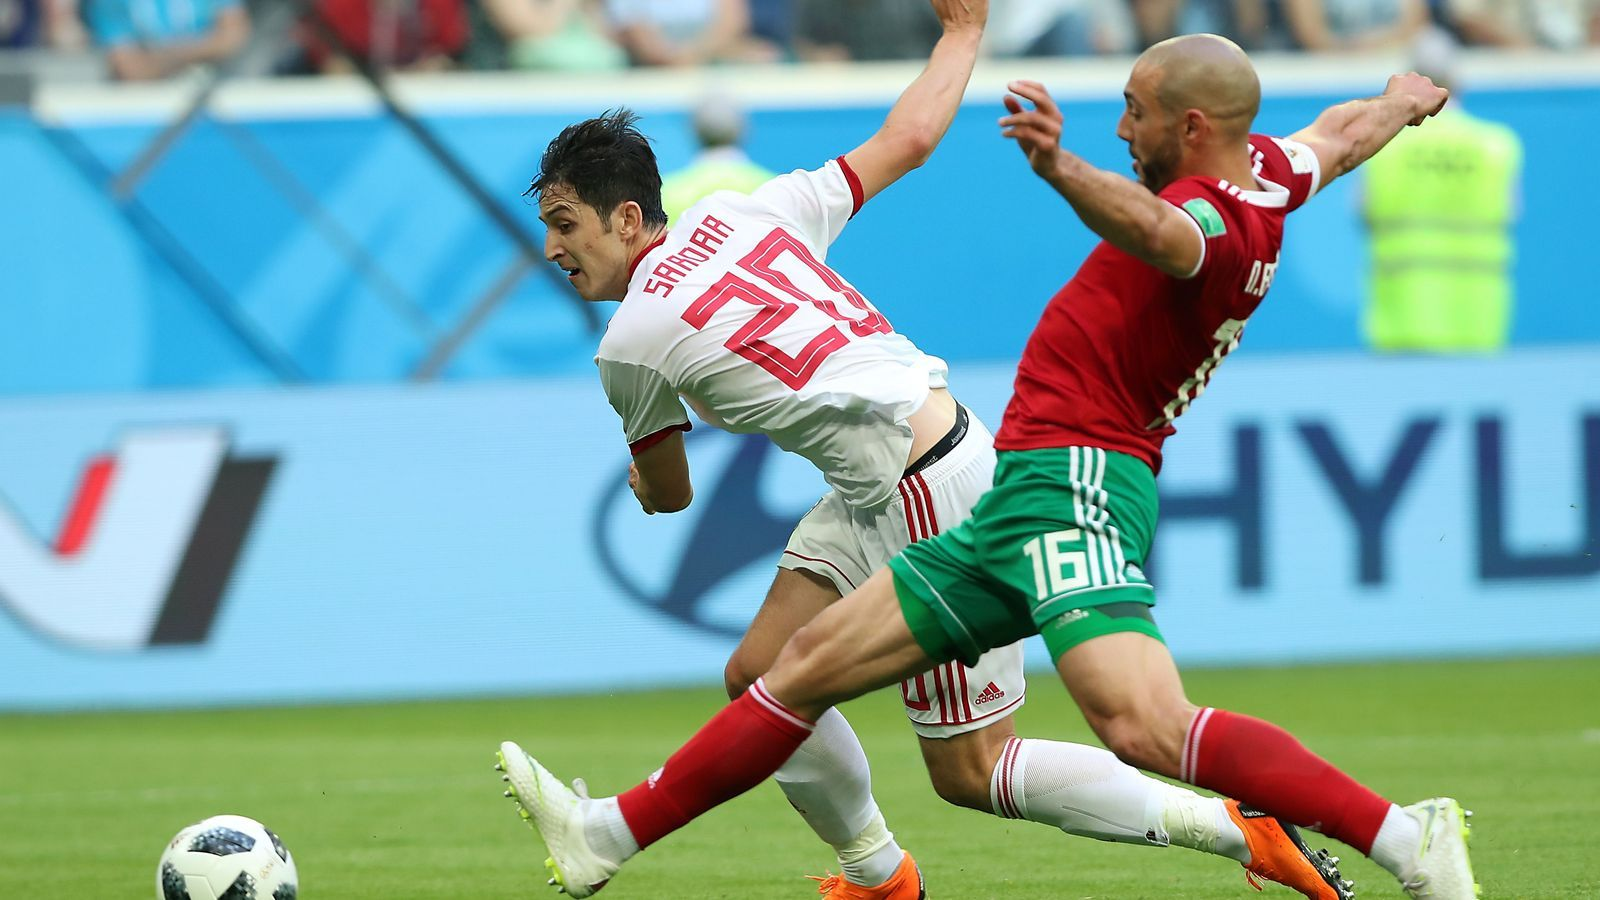 El Marroc i l'Iran empaten a res en el seu debut al Mundial (0-0)